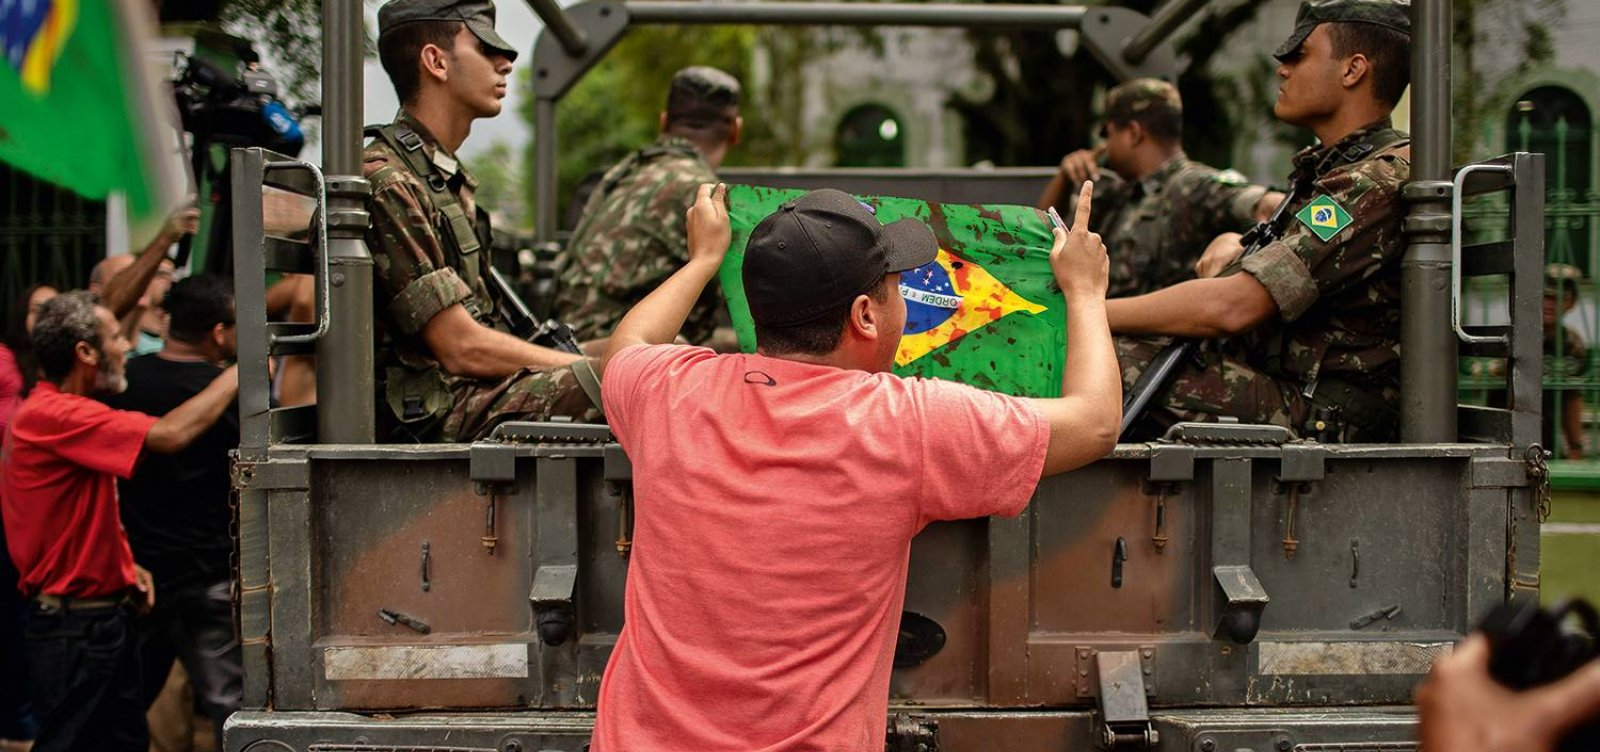 [Advogado de militares que mataram músico será condecorado pelo governo Bolsonaro]